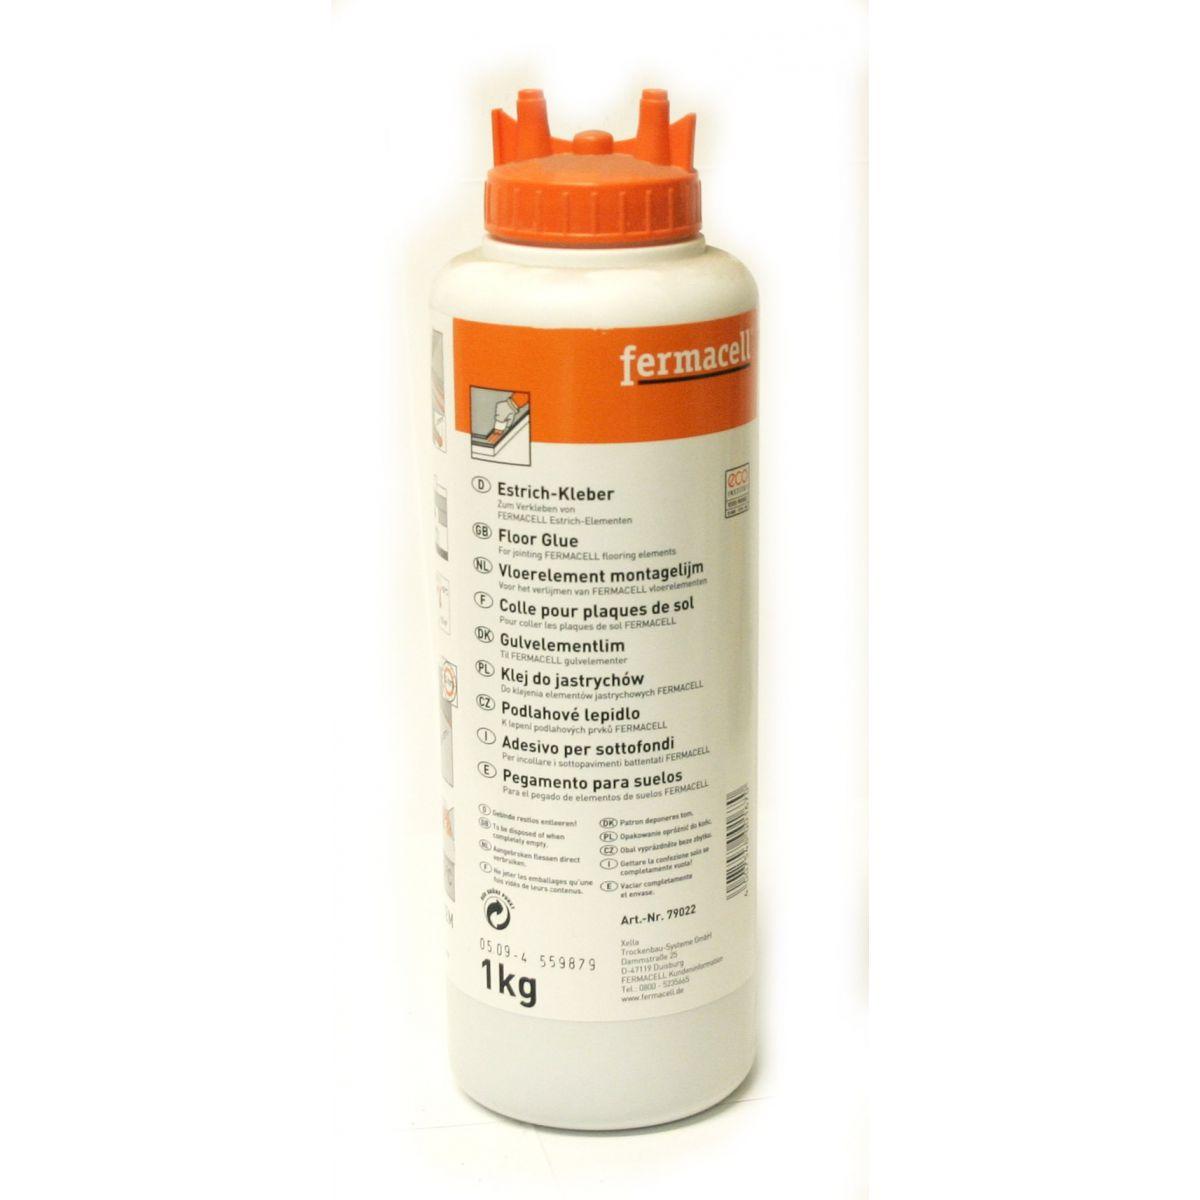 Colle pour plaque sol fermacell 1kg for Plaque de sol fermacell prix